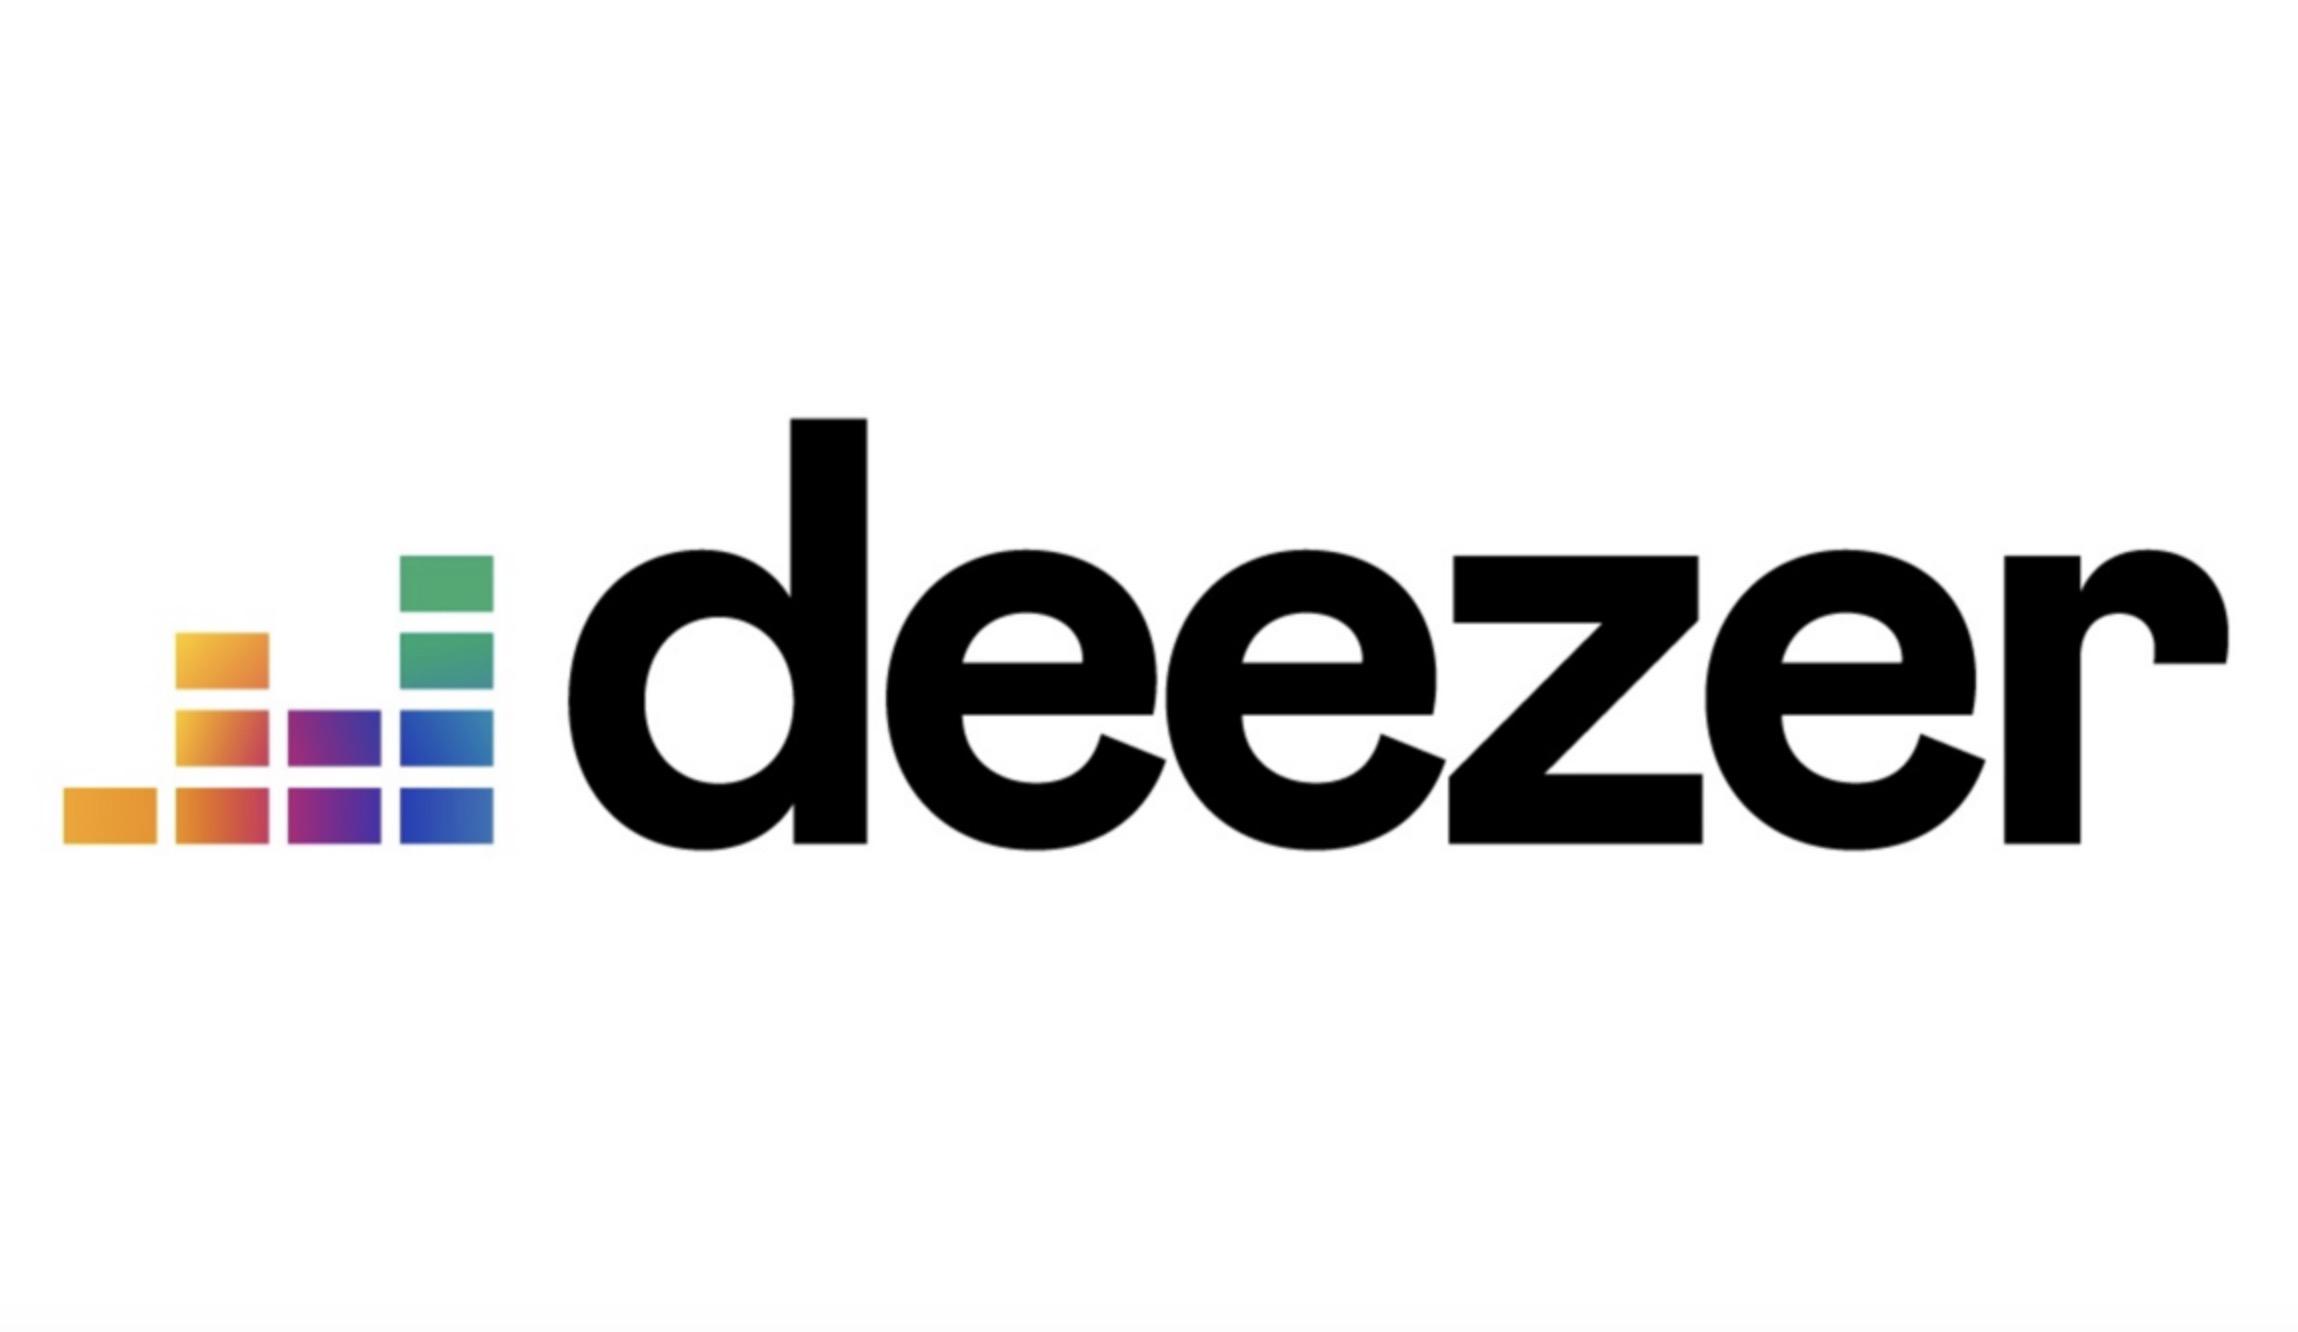 Code promo Deezer : [Nouveaux Clients] 3 mois d'abonnement à Deezer Premium+ pour 0,99€